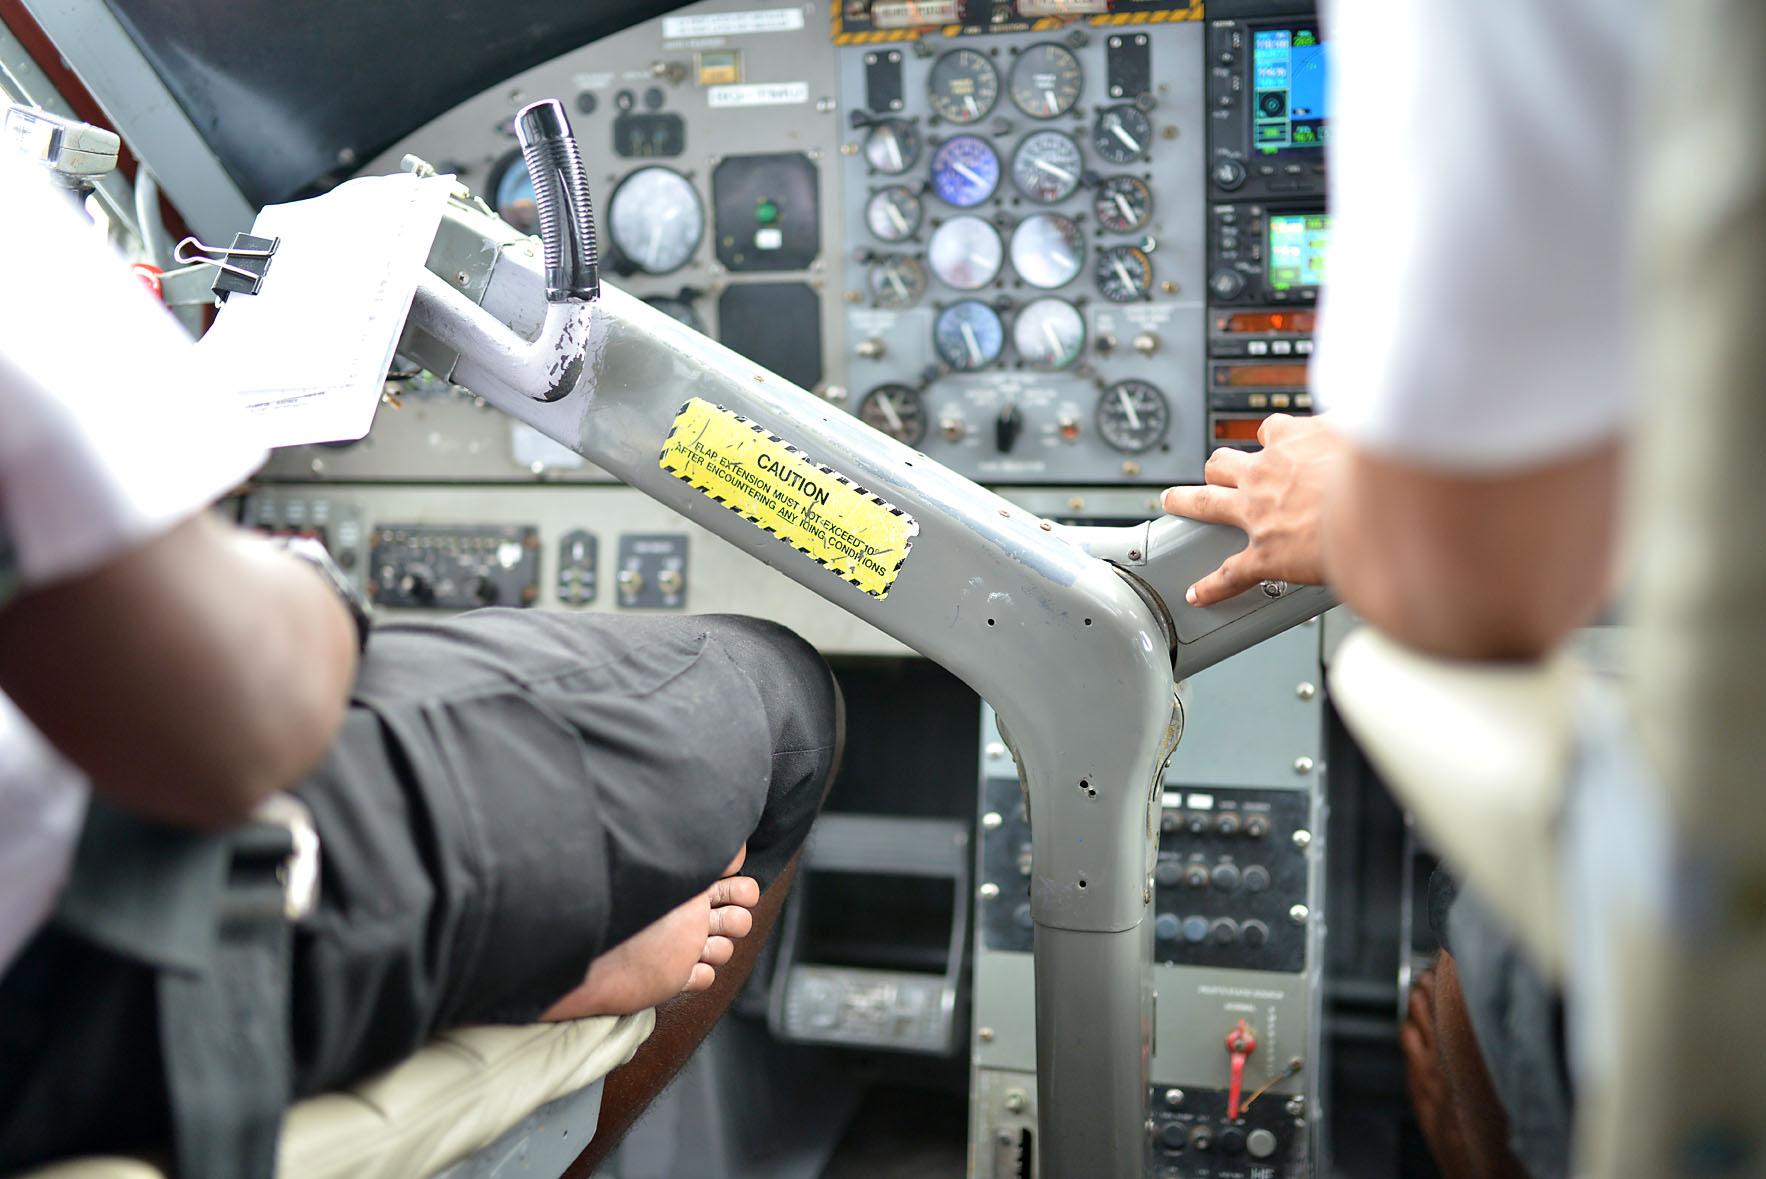 Maldiv havayollarında yalın ayak uçuluyor :)